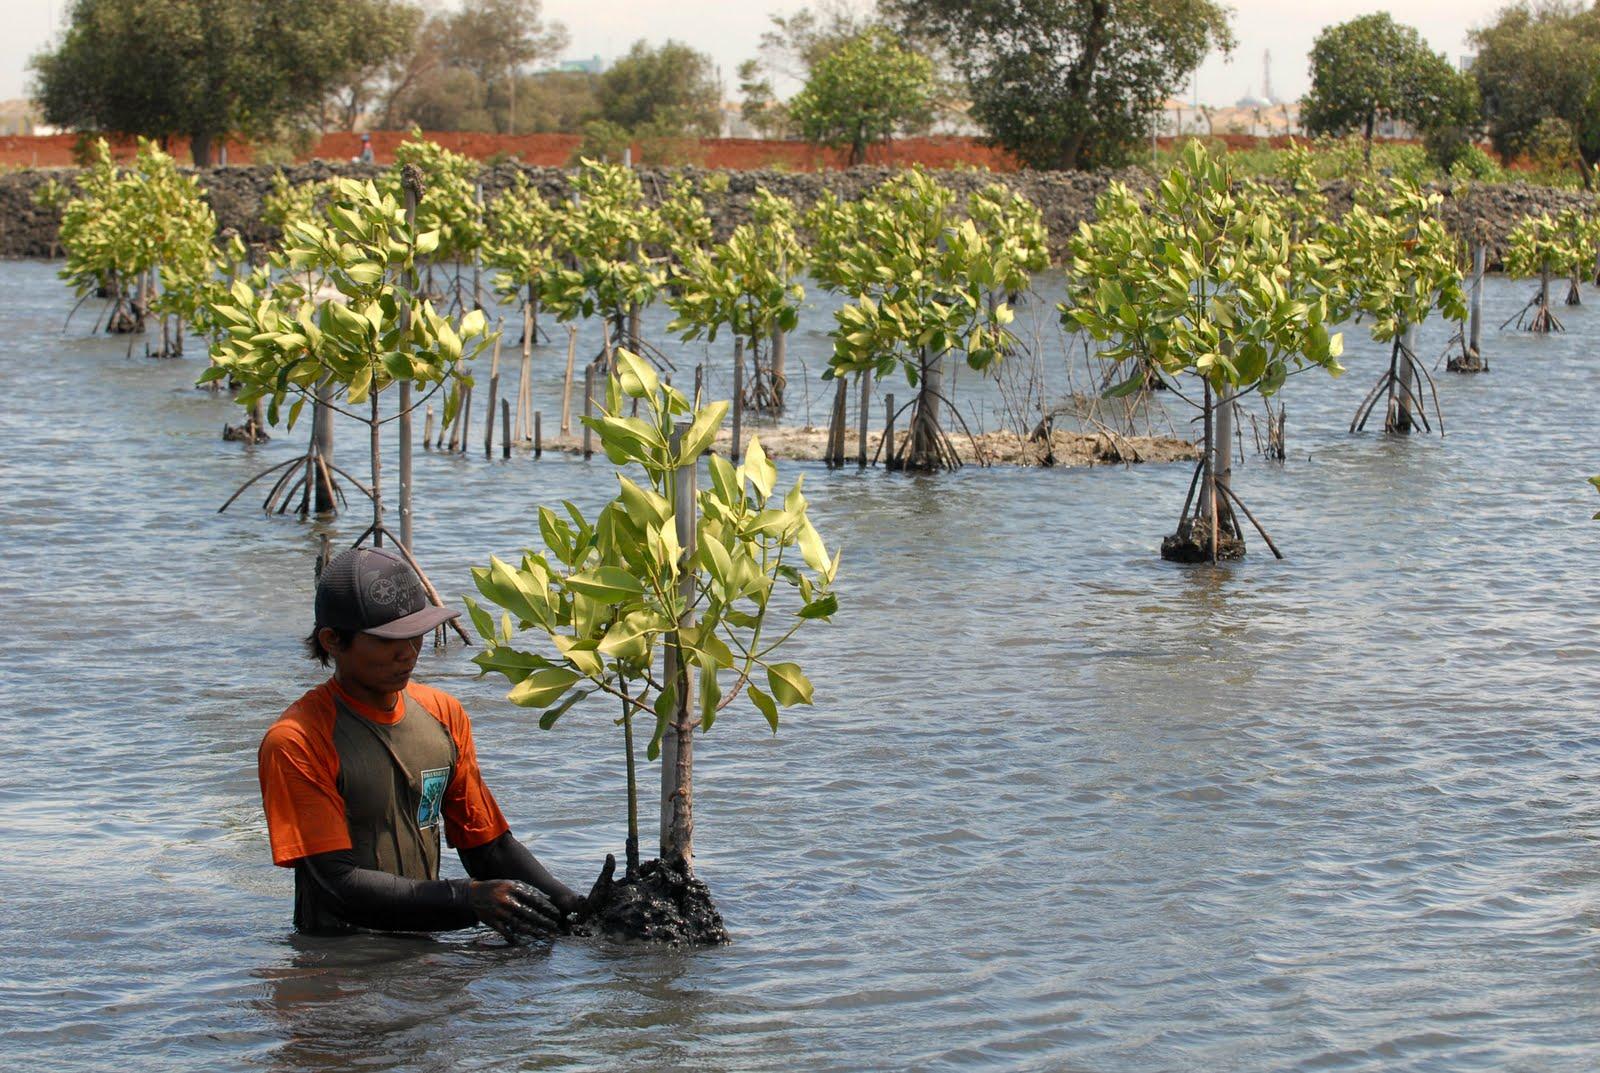 Pelestarian Dan Konservasi Sumber Daya Alam Atau Preservation And